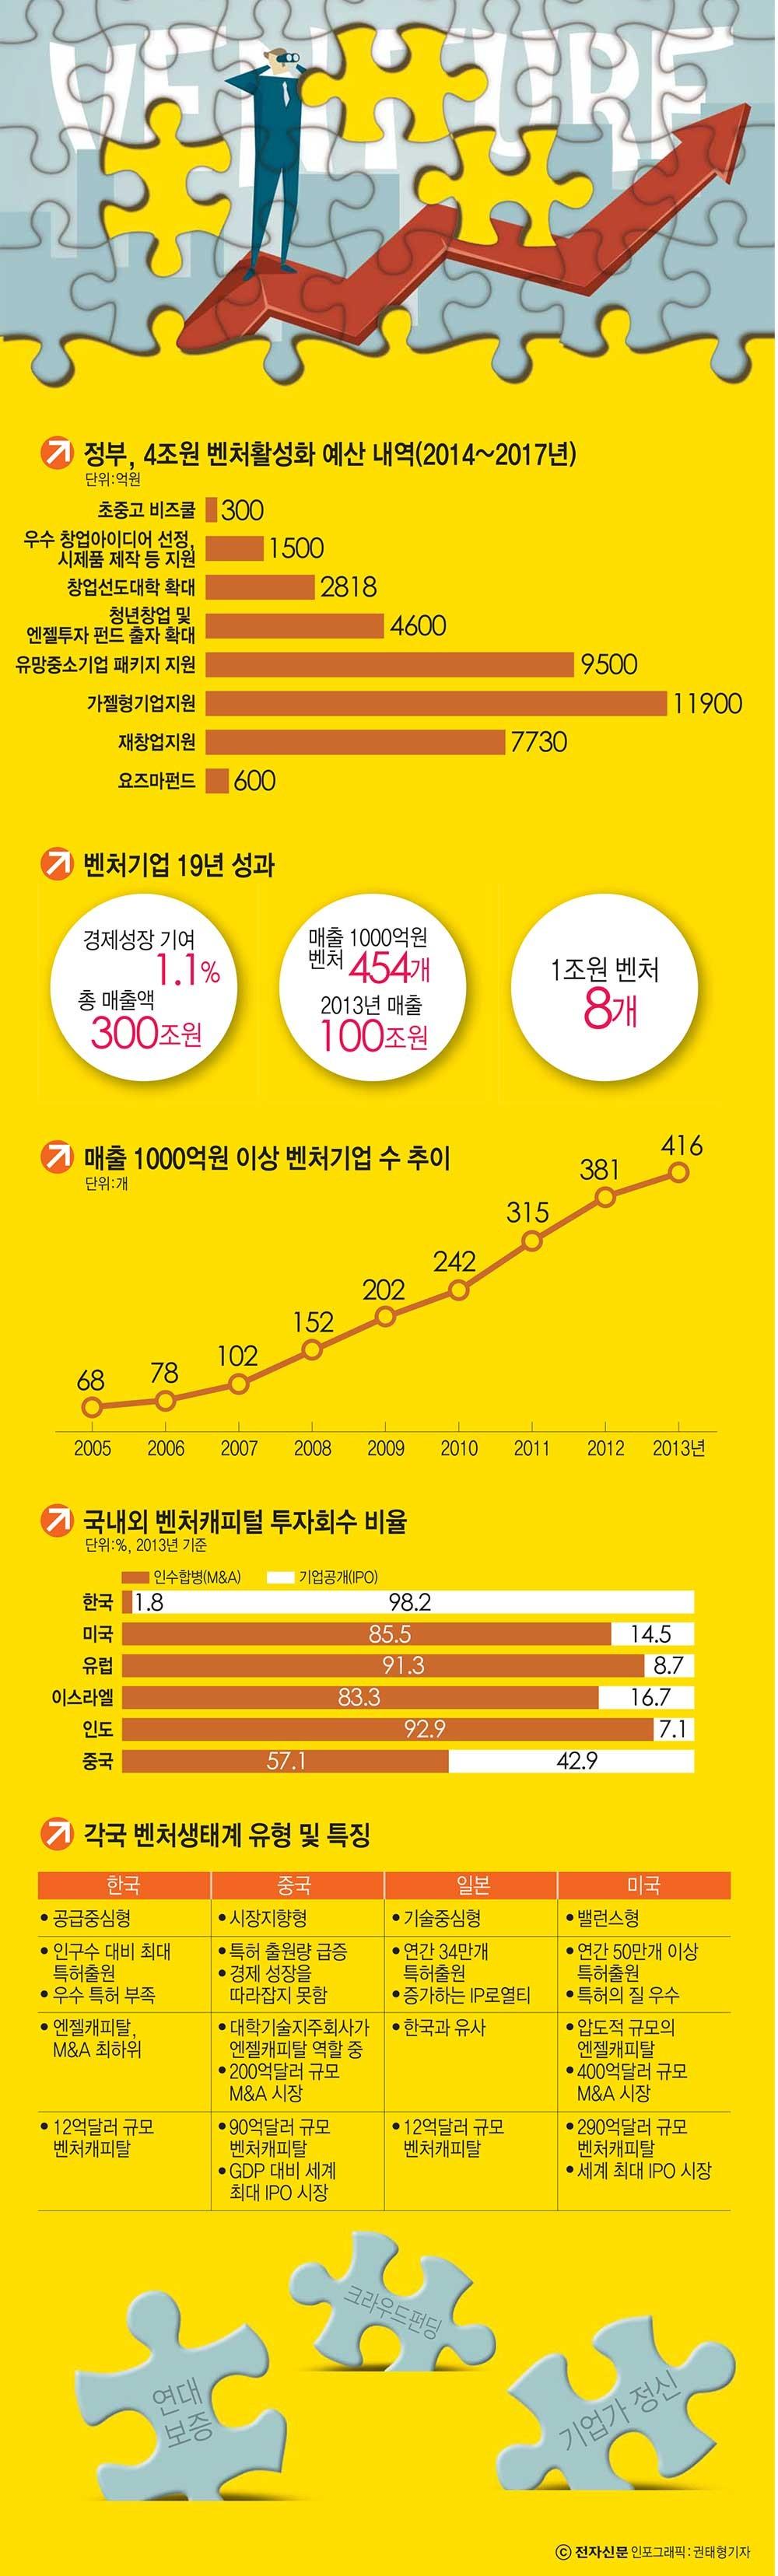 [이슈분석]오덕환 미래글로벌창업지원센터장 인터뷰